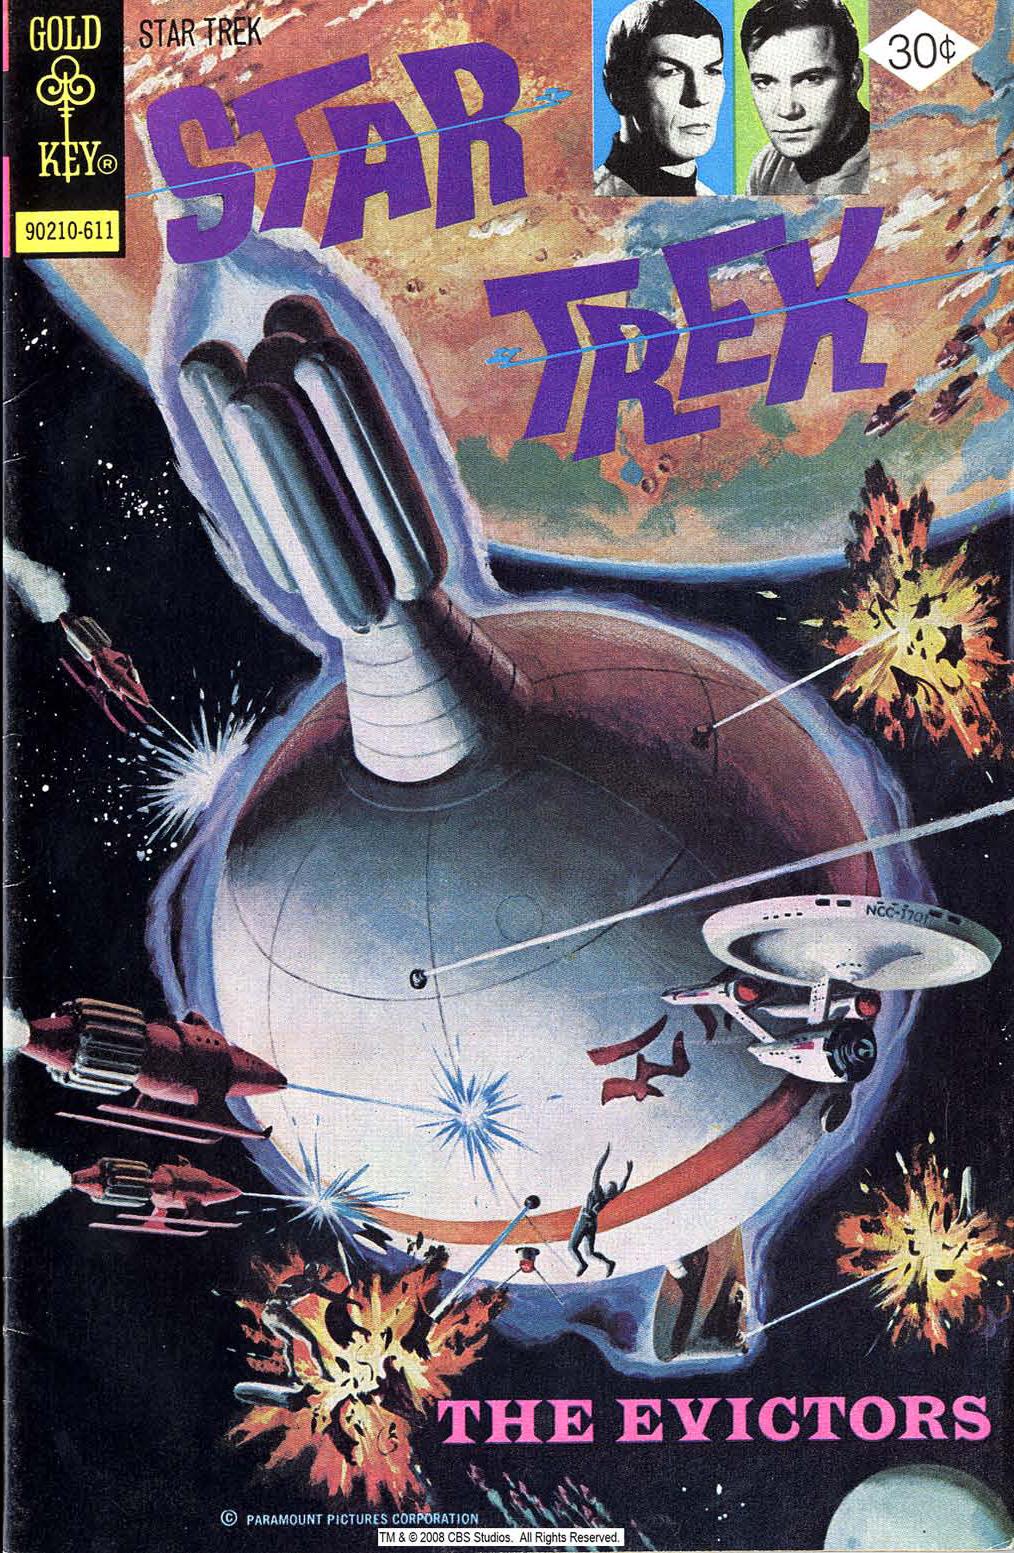 Star Trek (1967) issue 41 - Page 1